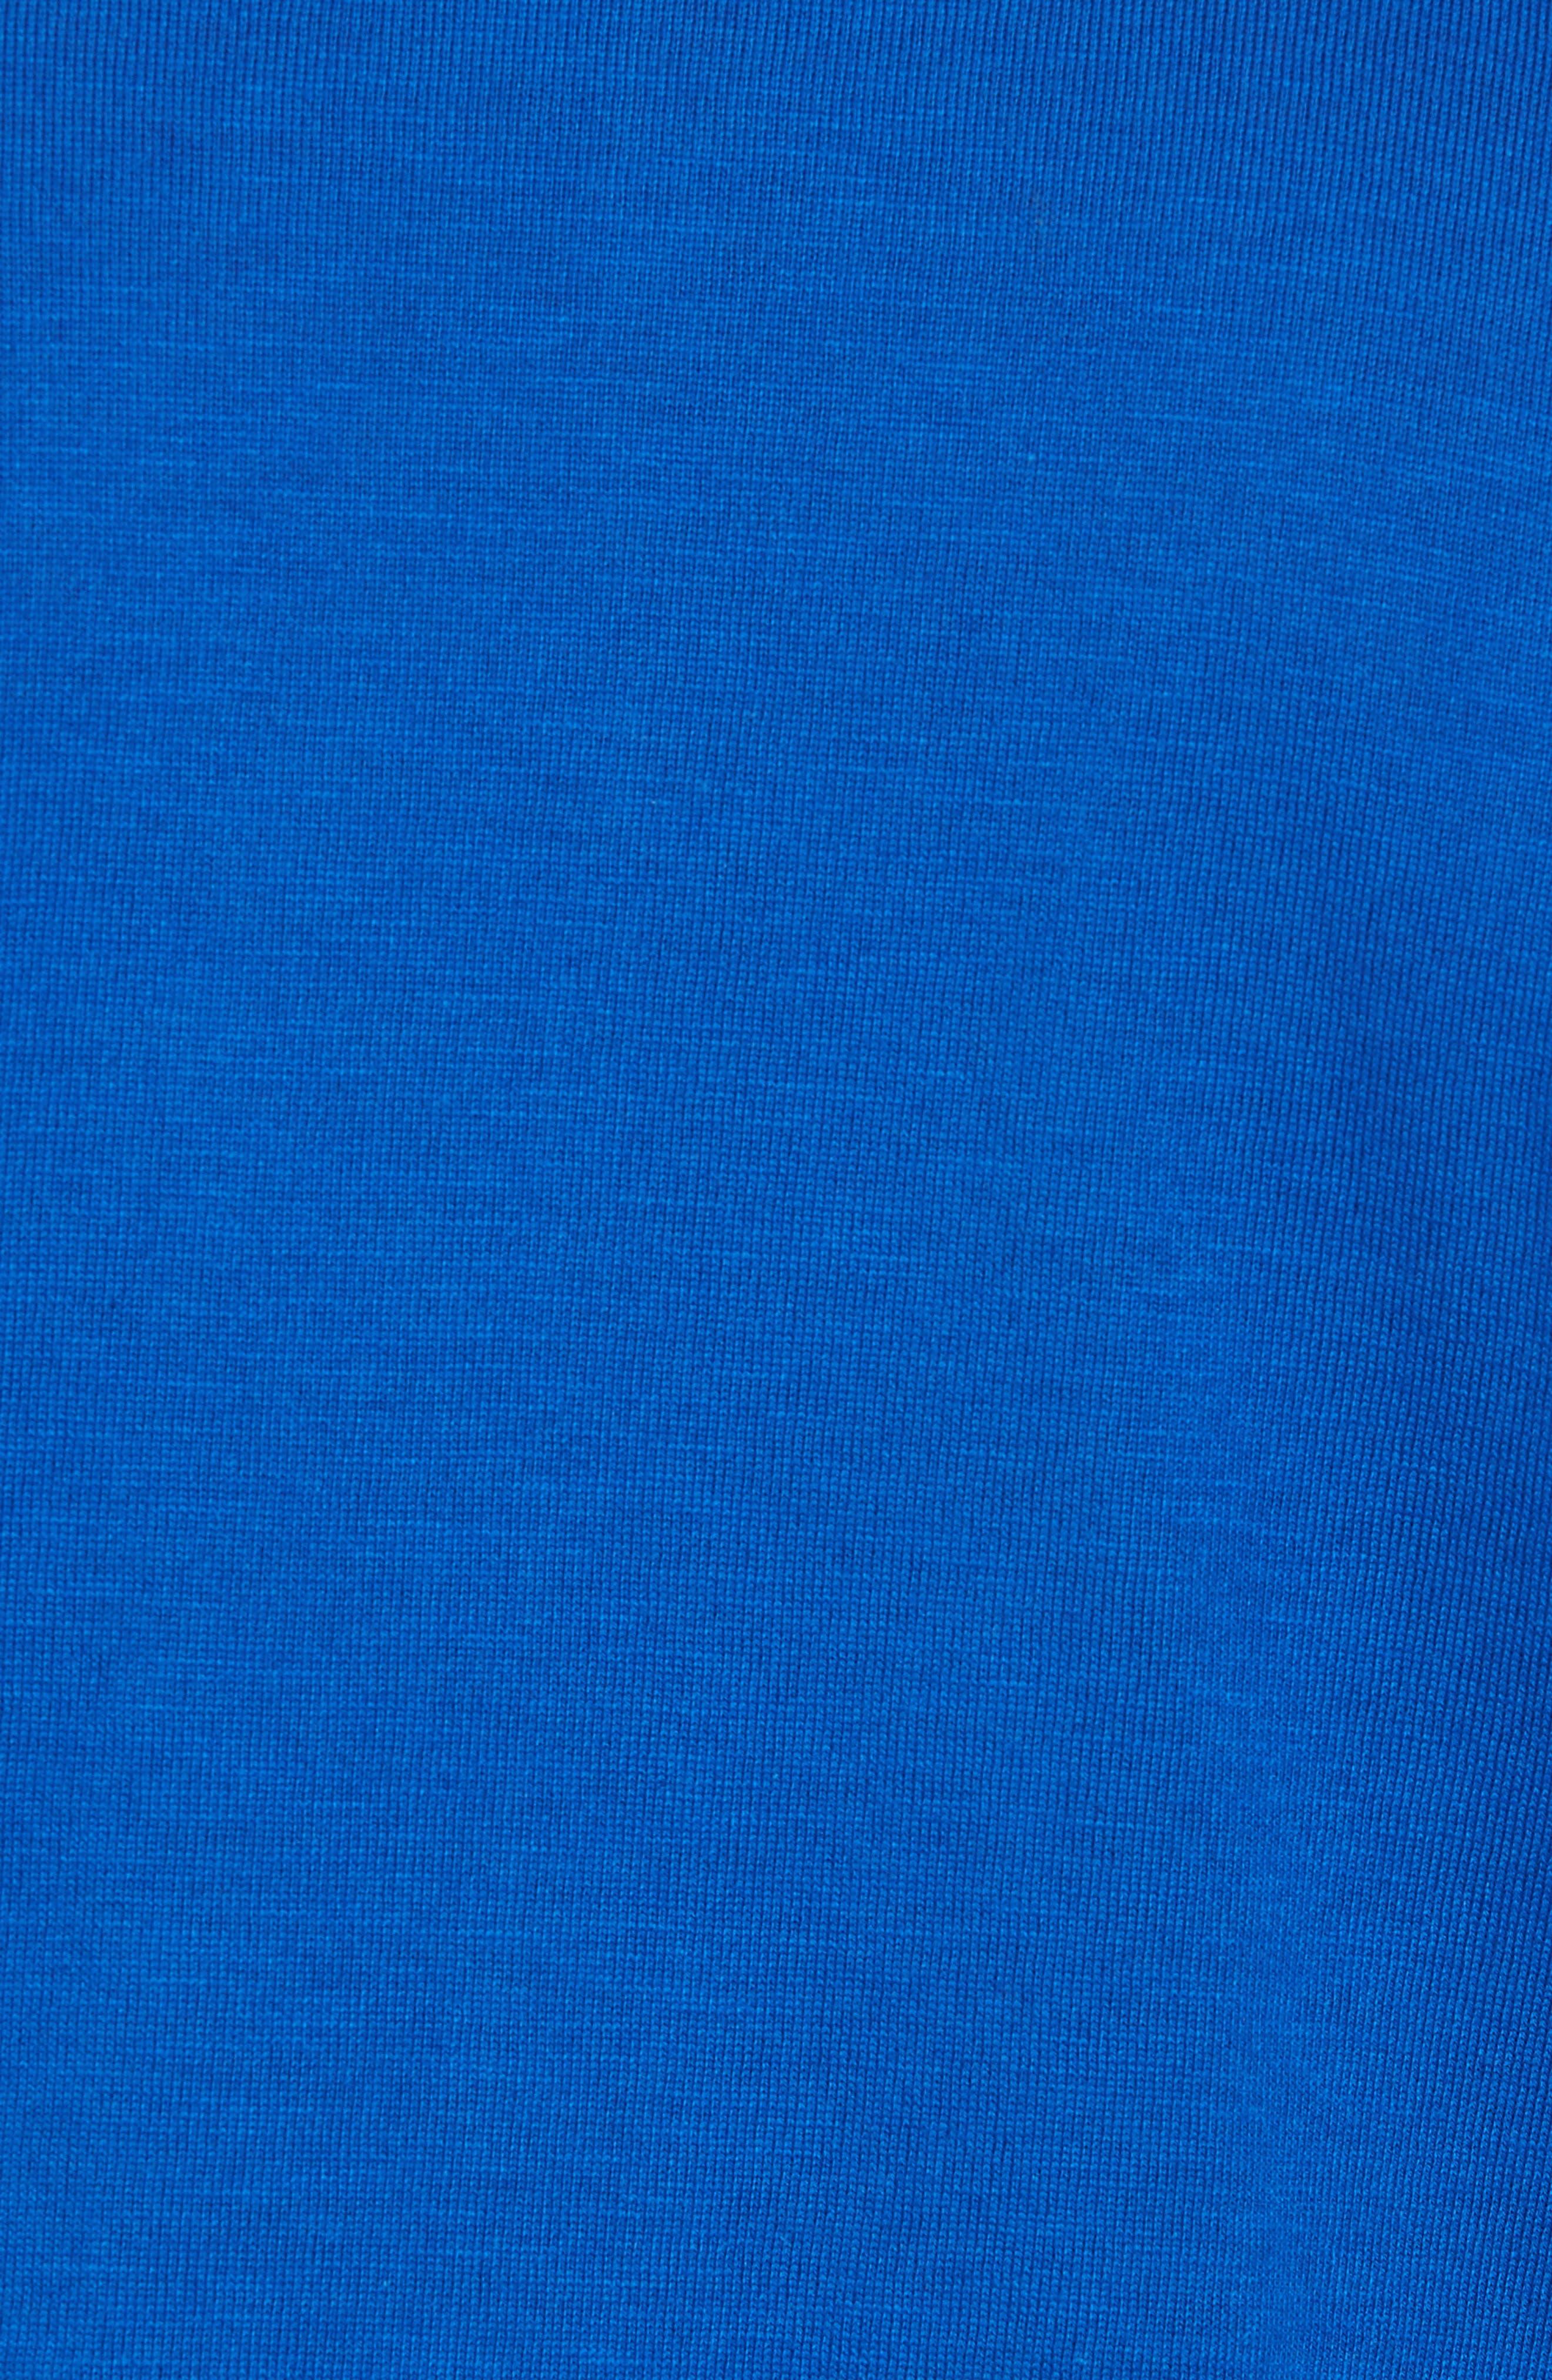 Mouline T-Shirt,                             Alternate thumbnail 5, color,                             Qzp Royal/ Multico